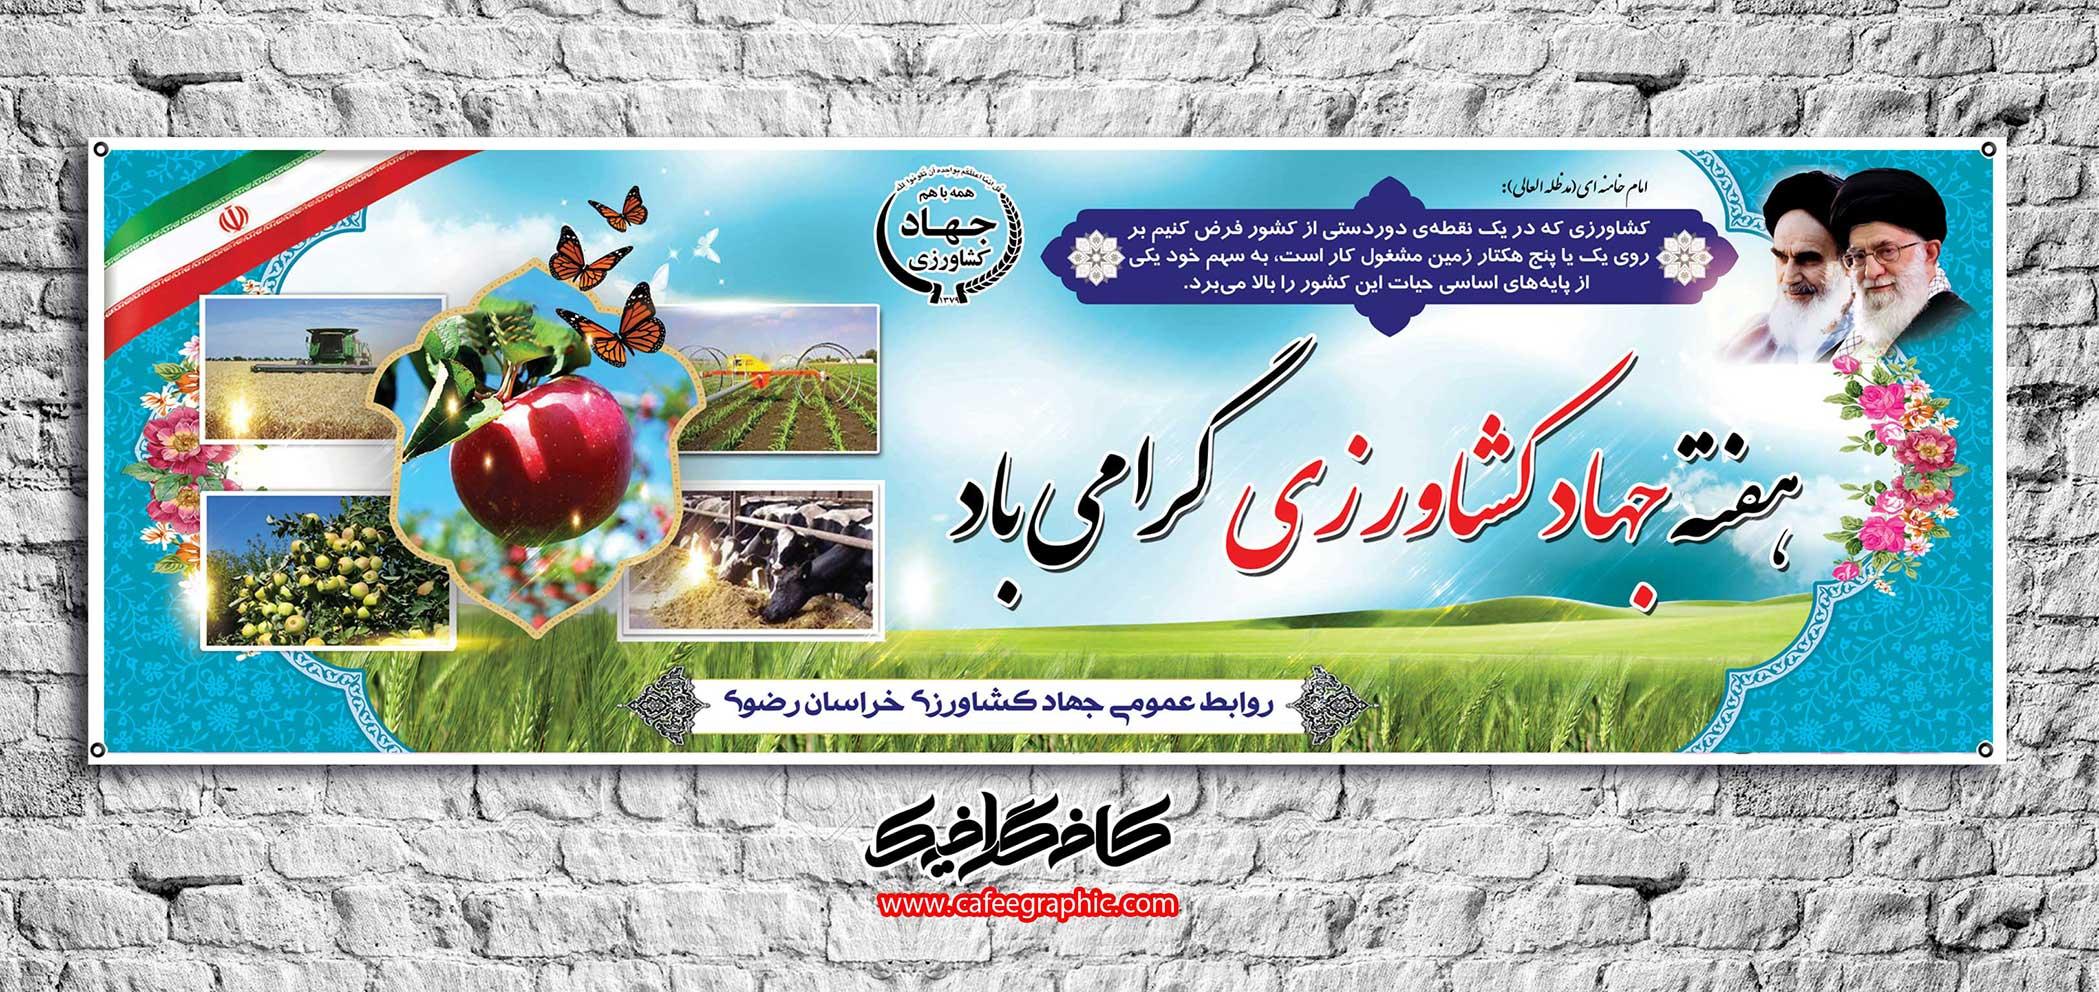 طرح هفته جهاد کشاورزی(۲۷خرداد)